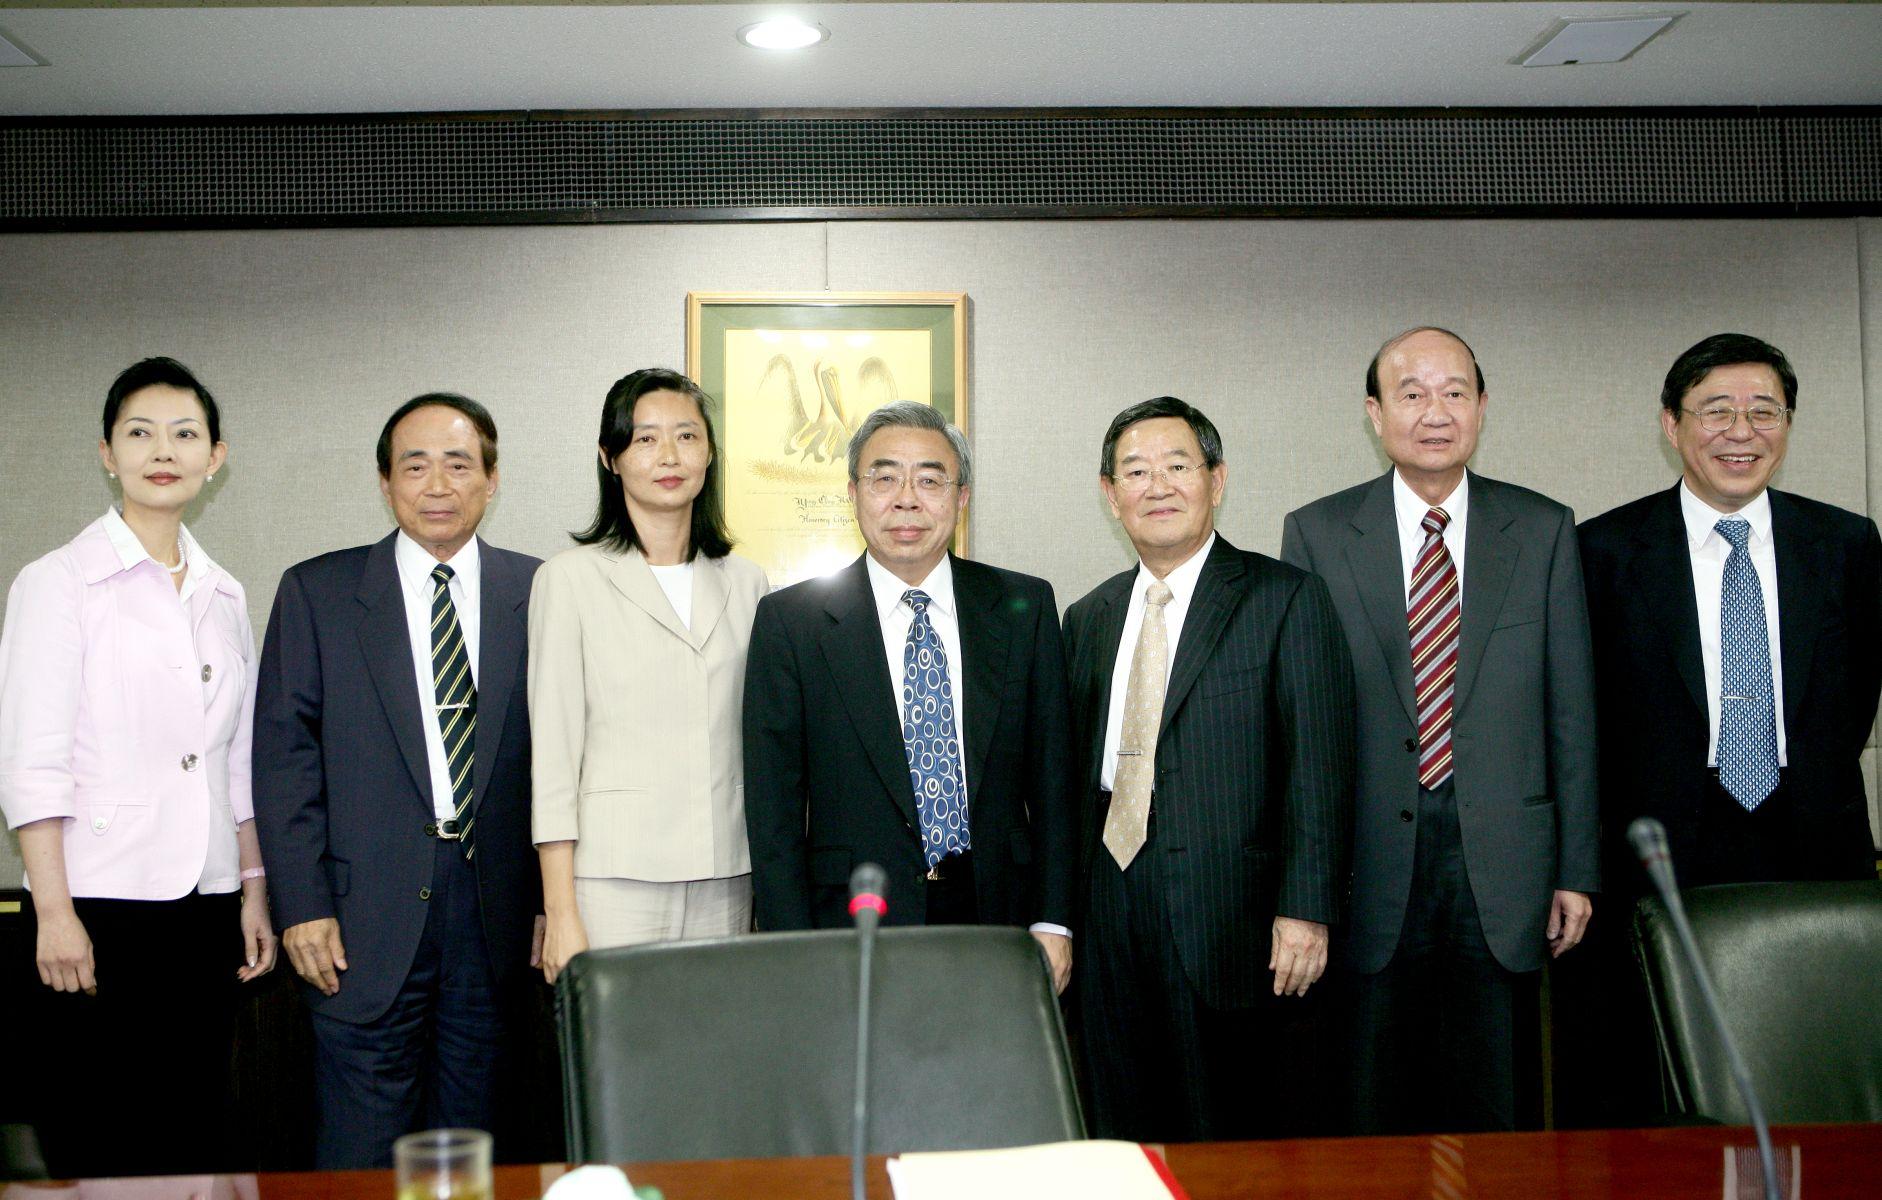 台塑集團總裁王文淵接掌長庚大學、長庚技術學院、明志科大等三校董事長。